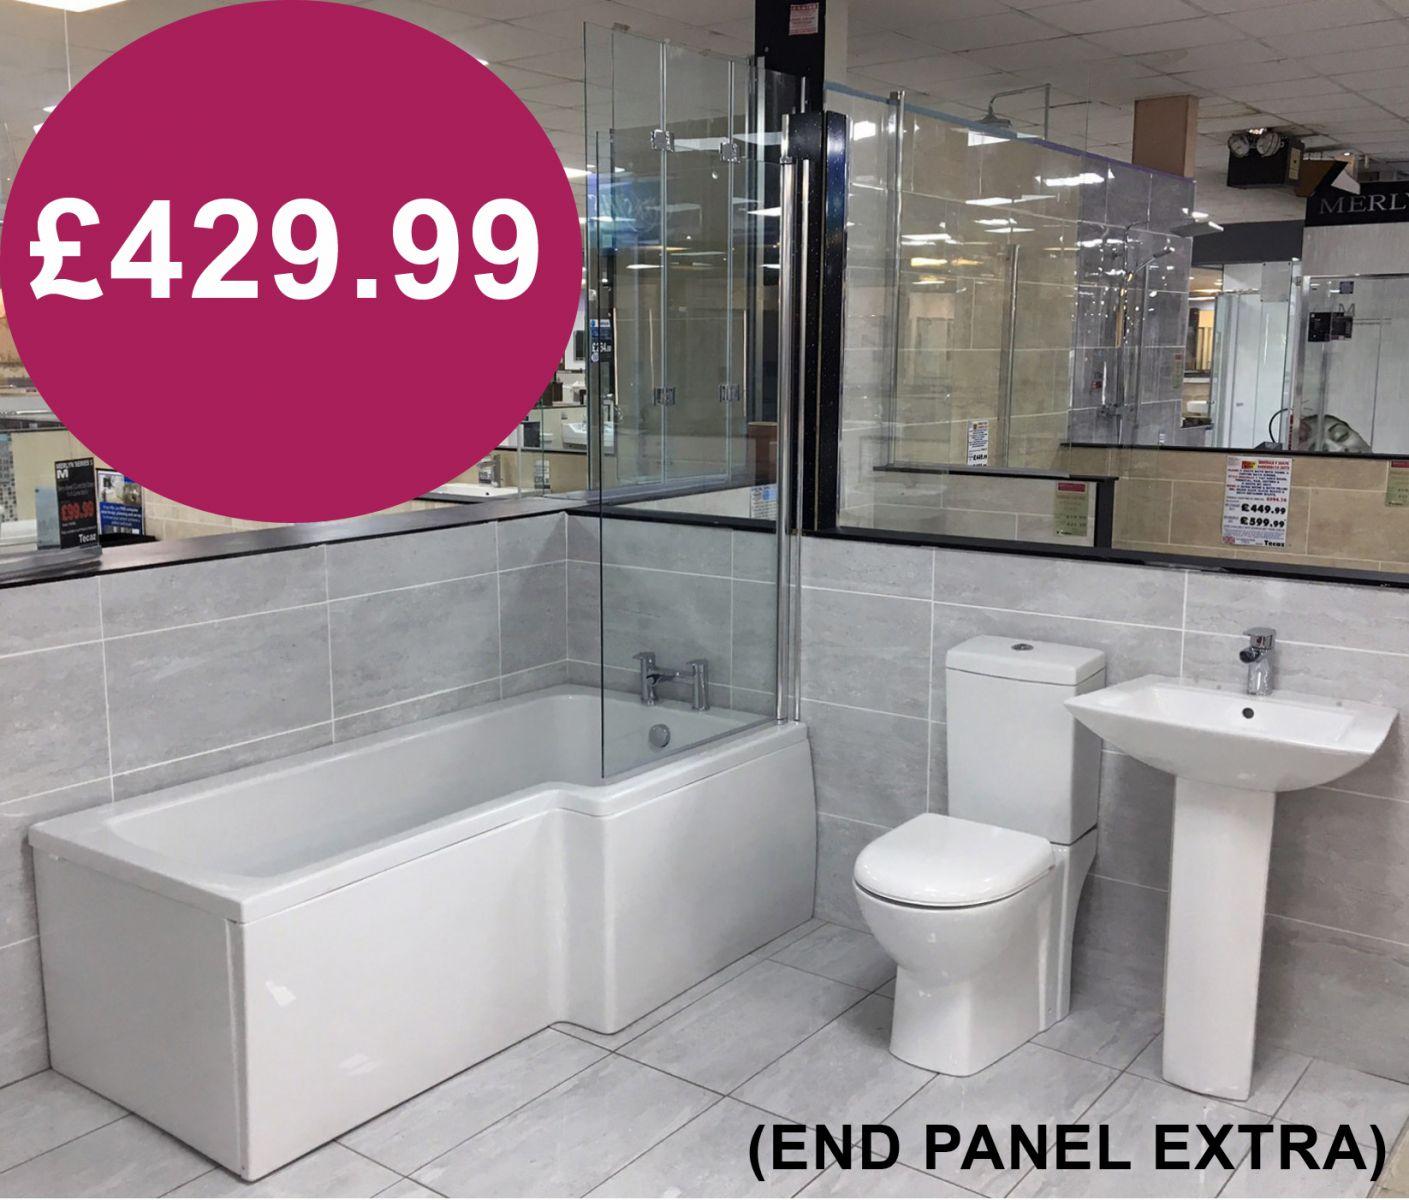 Tecaz bathroom suites - Showerbath Suite Including Screen Taps